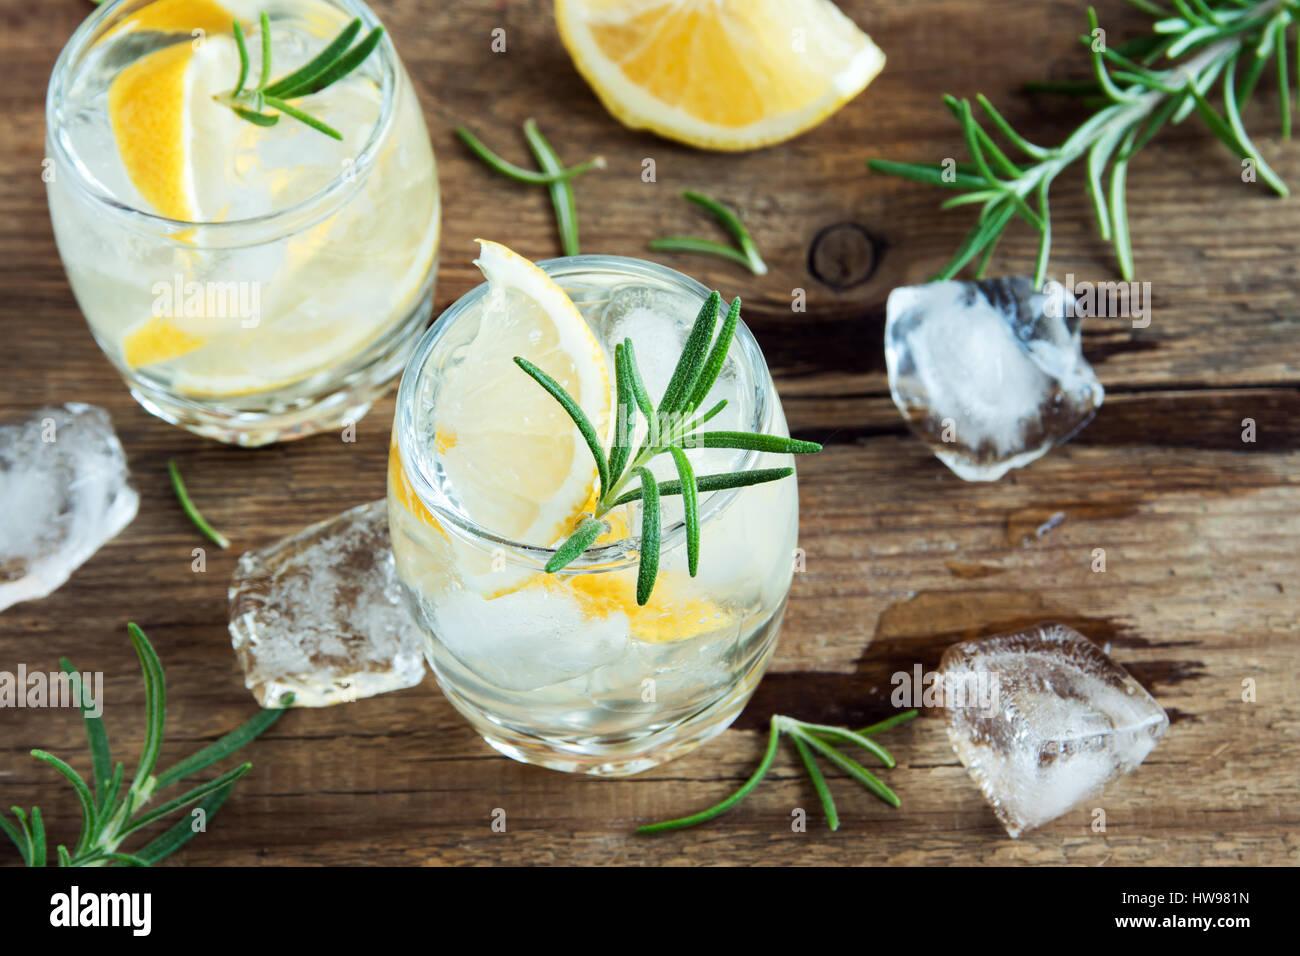 Alkoholische Getränke (Gin Tonic Cocktail) mit Zitrone, Rosmarin und Eis am rustikalen Holztisch, Textfreiraum Stockbild